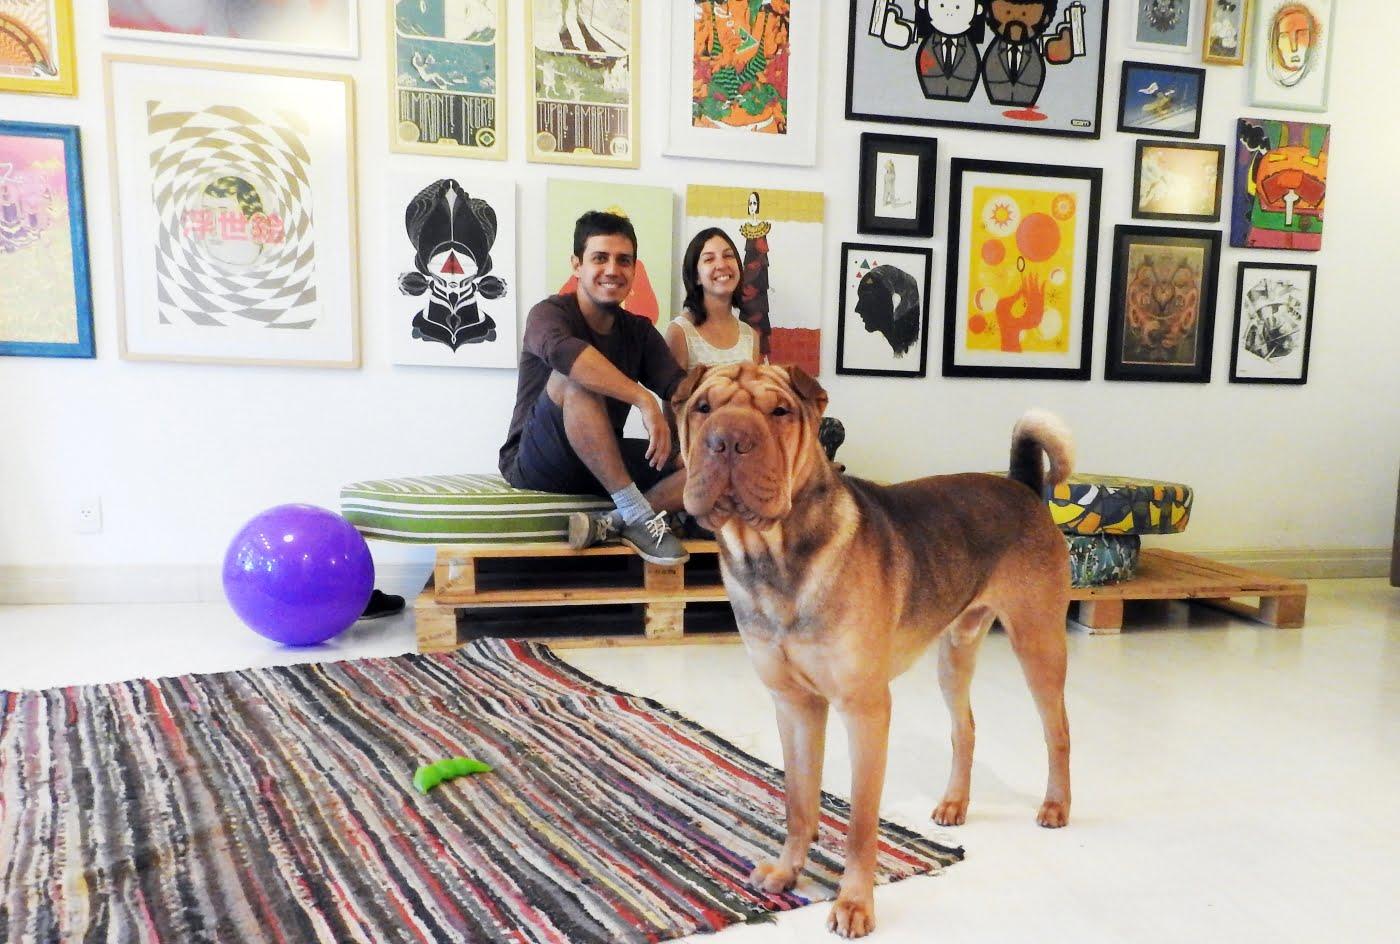 Miguel e Júlia (na foto, com Jung, um Shar-pei que não desgruda) querem ver Brasília com menos rótulos e mais criativa (foto: Luís Tajes).